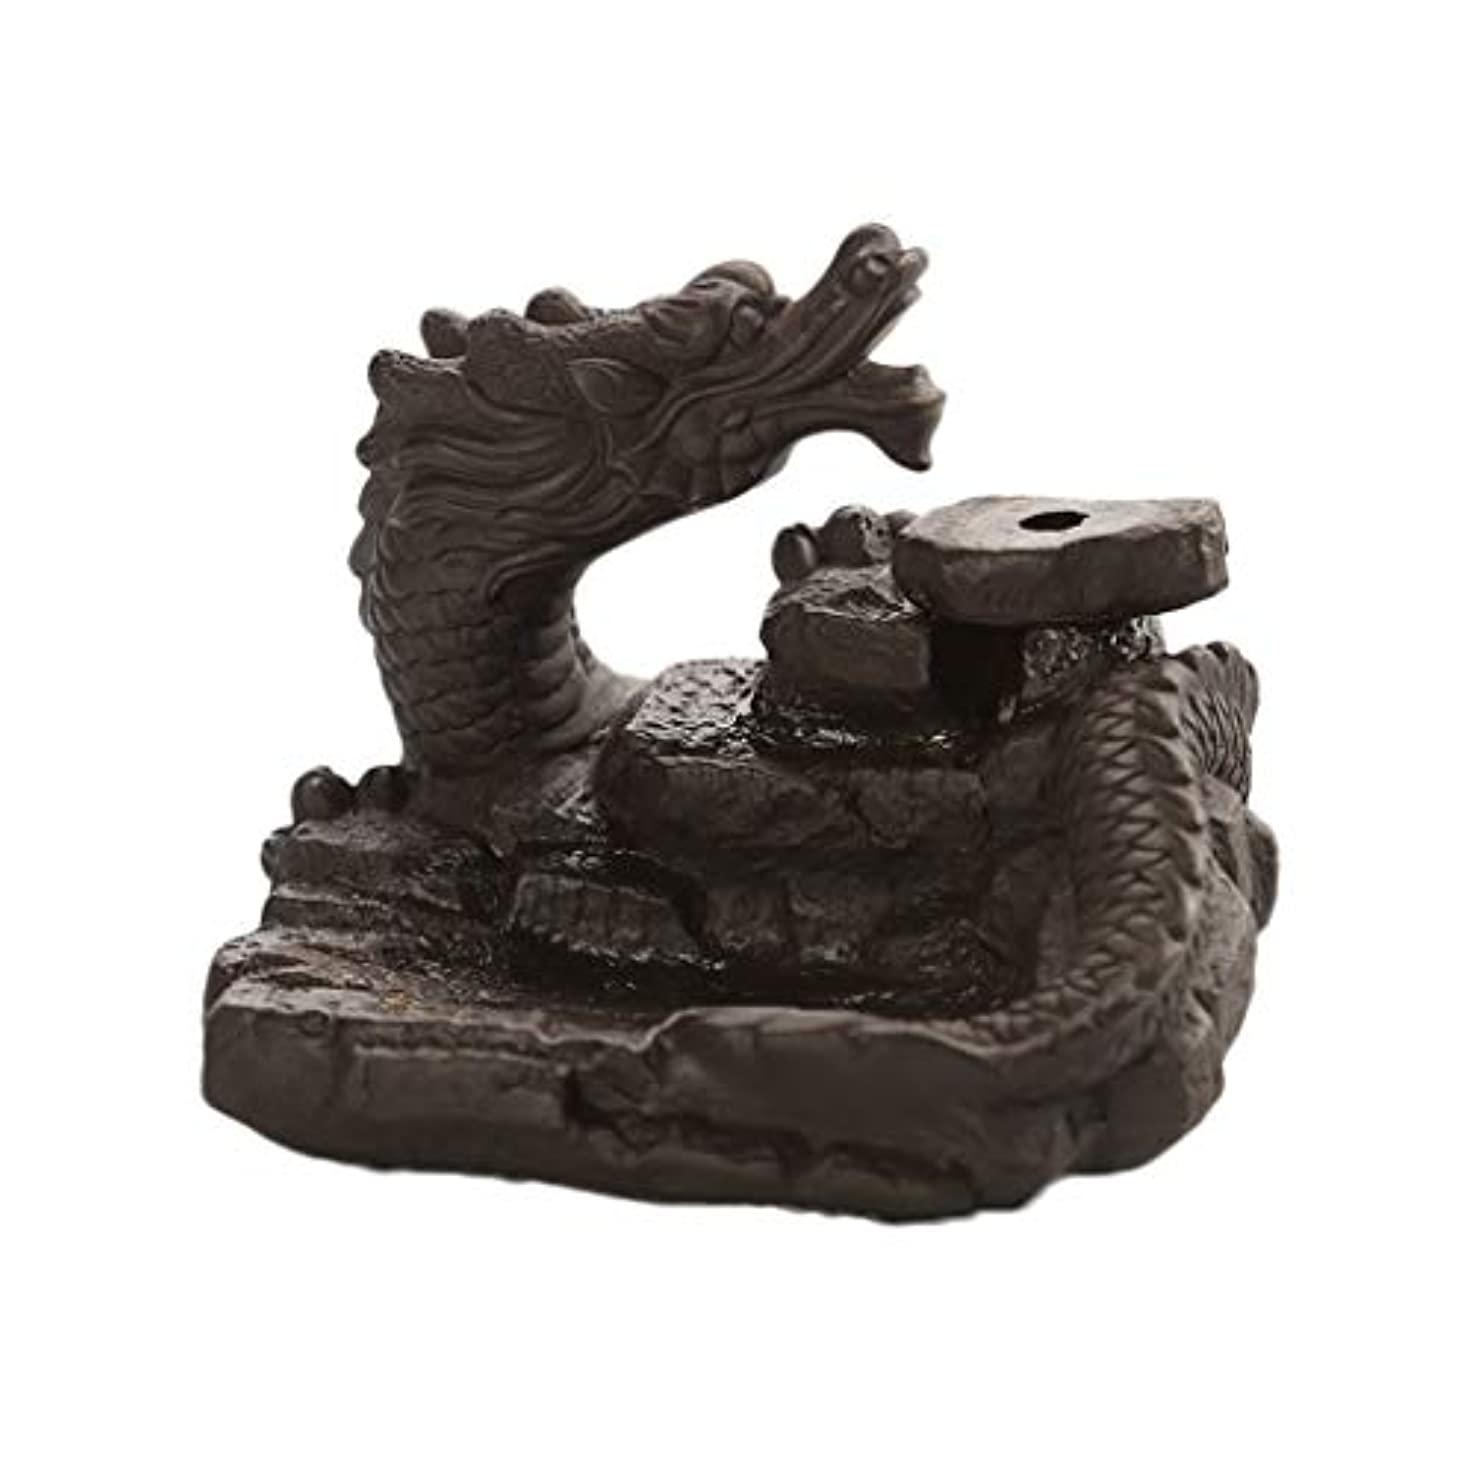 高速道路反対したアウター芳香器?アロマバーナー ドラゴンの逆流の香炉の陶磁器のホールダーの黒ドラゴンの逆流の香炉の香炉の陶磁器のホールダー 芳香器?アロマバーナー